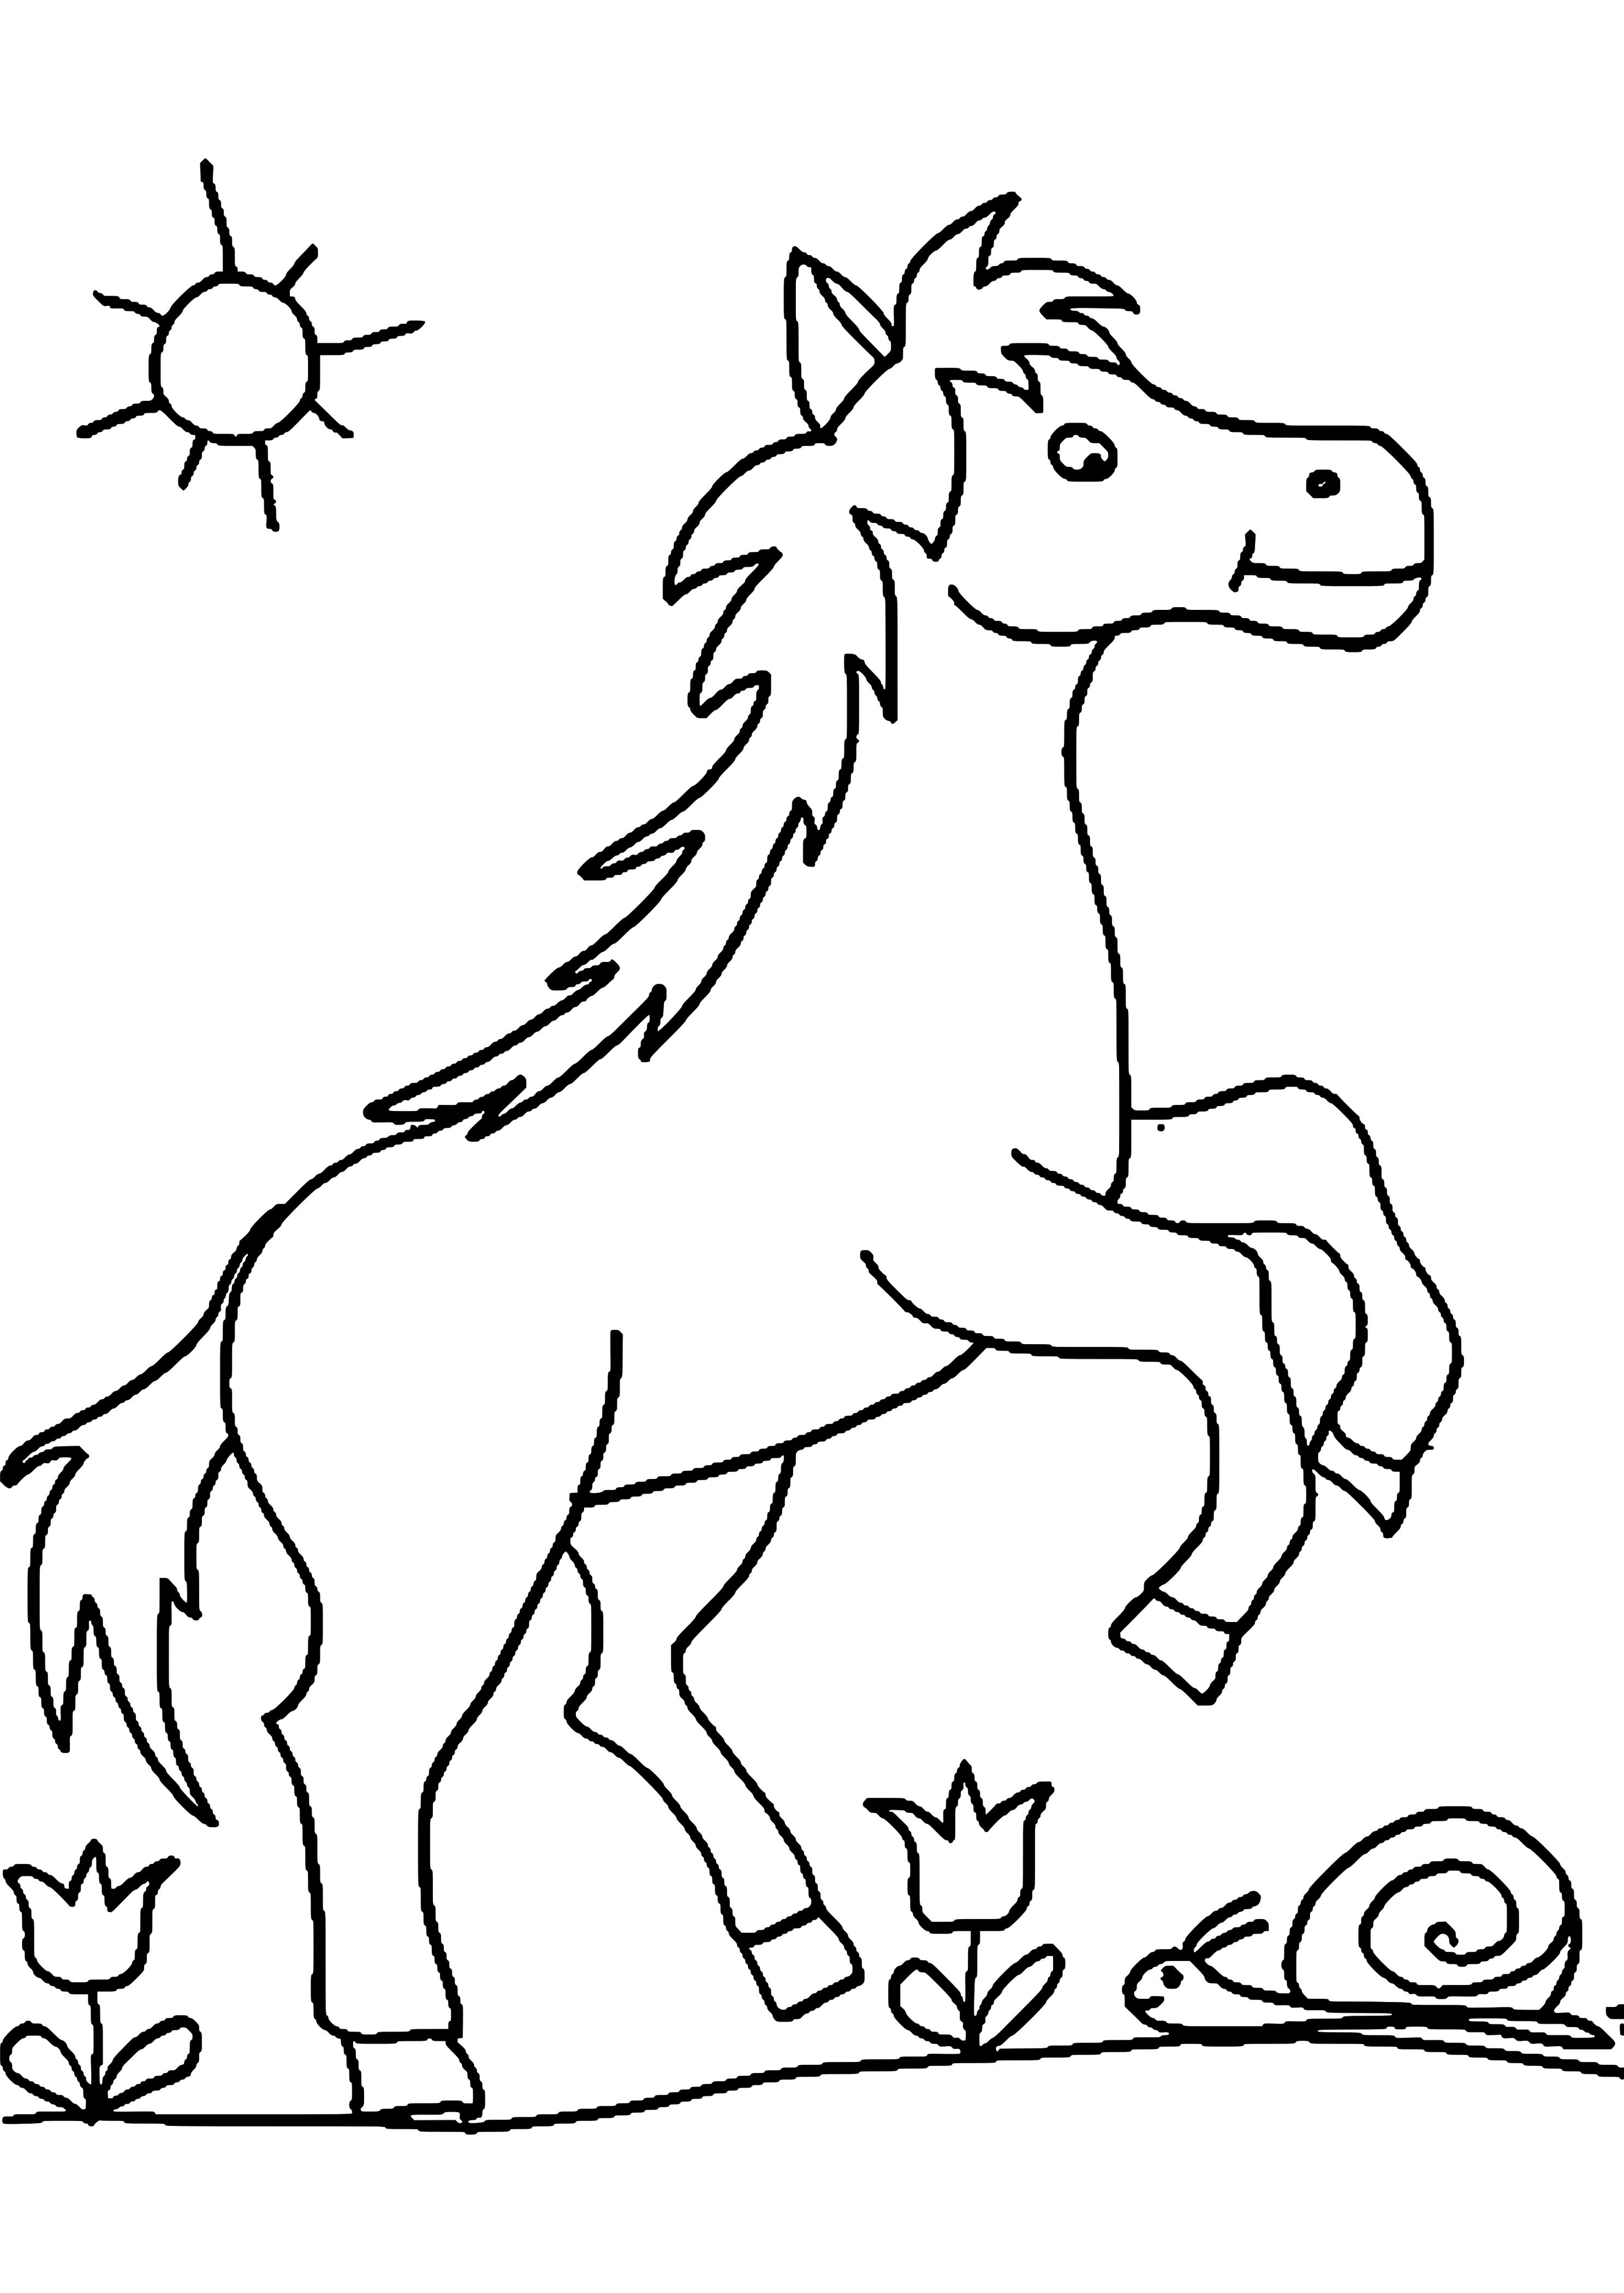 Ausmalbilder Kostenlos Ausdrucken Pferde  Ausmalbilder pferde